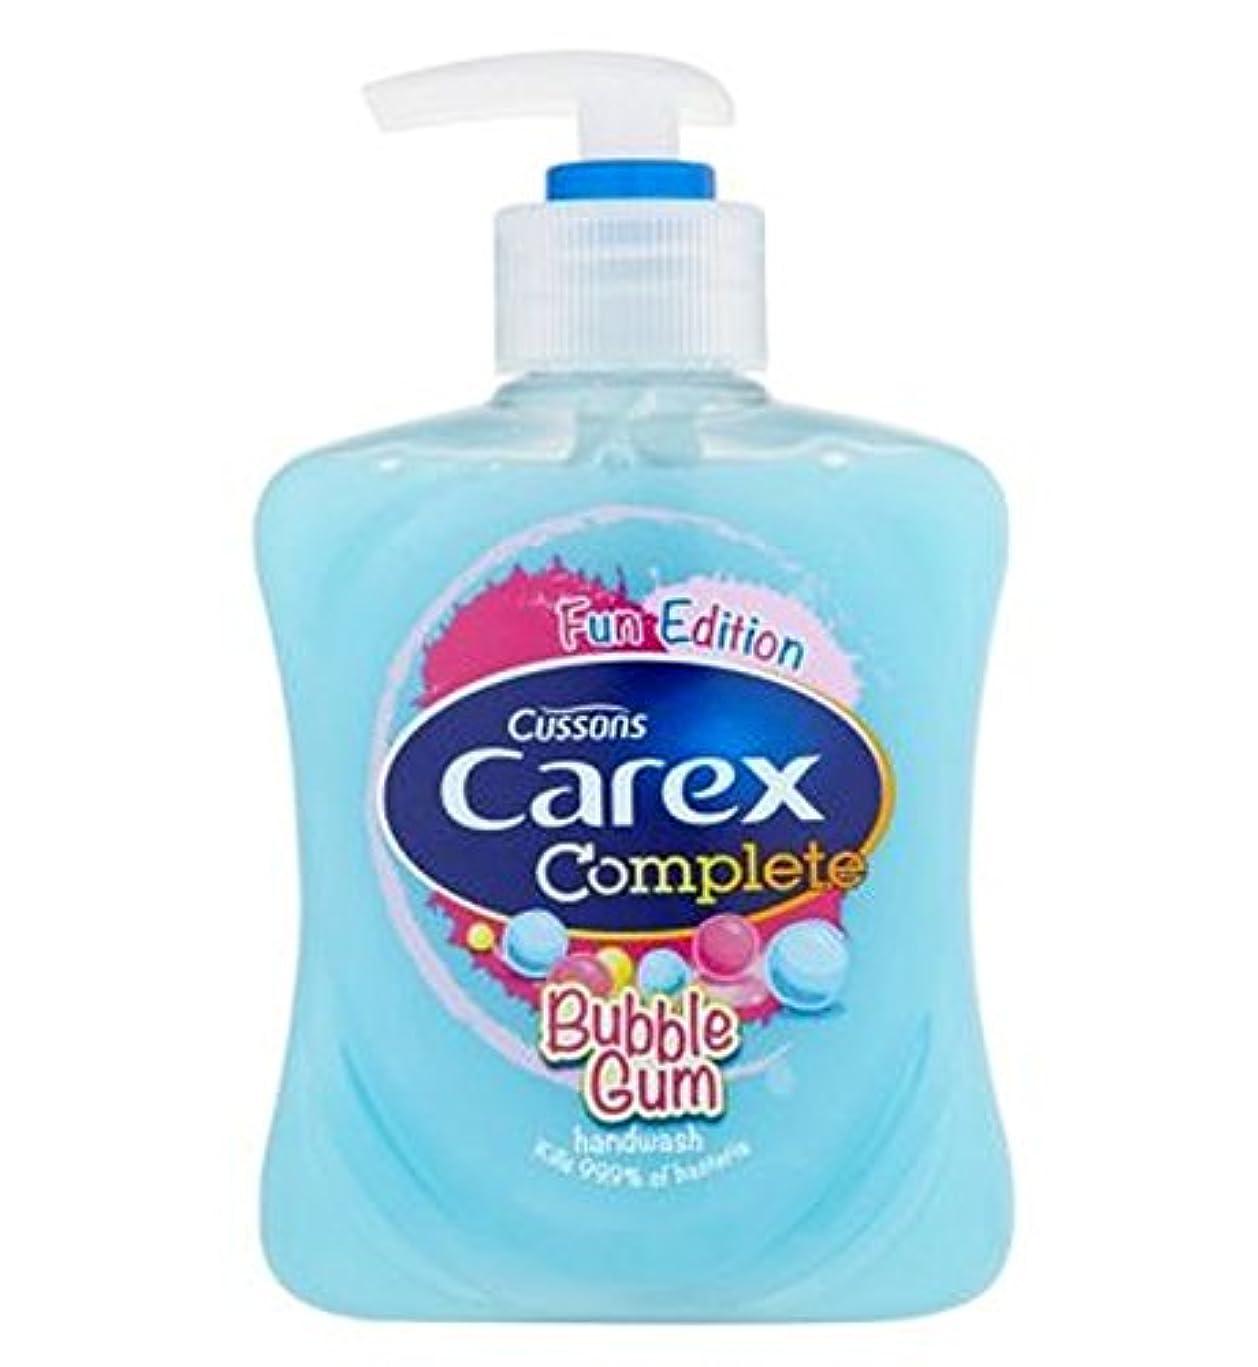 スペクトラム既に自分Carex Fun Bubble Gum Hand Wash 250ml - スゲ属楽しいバブルガムハンドウォッシュ250ミリリットル (Carex) [並行輸入品]